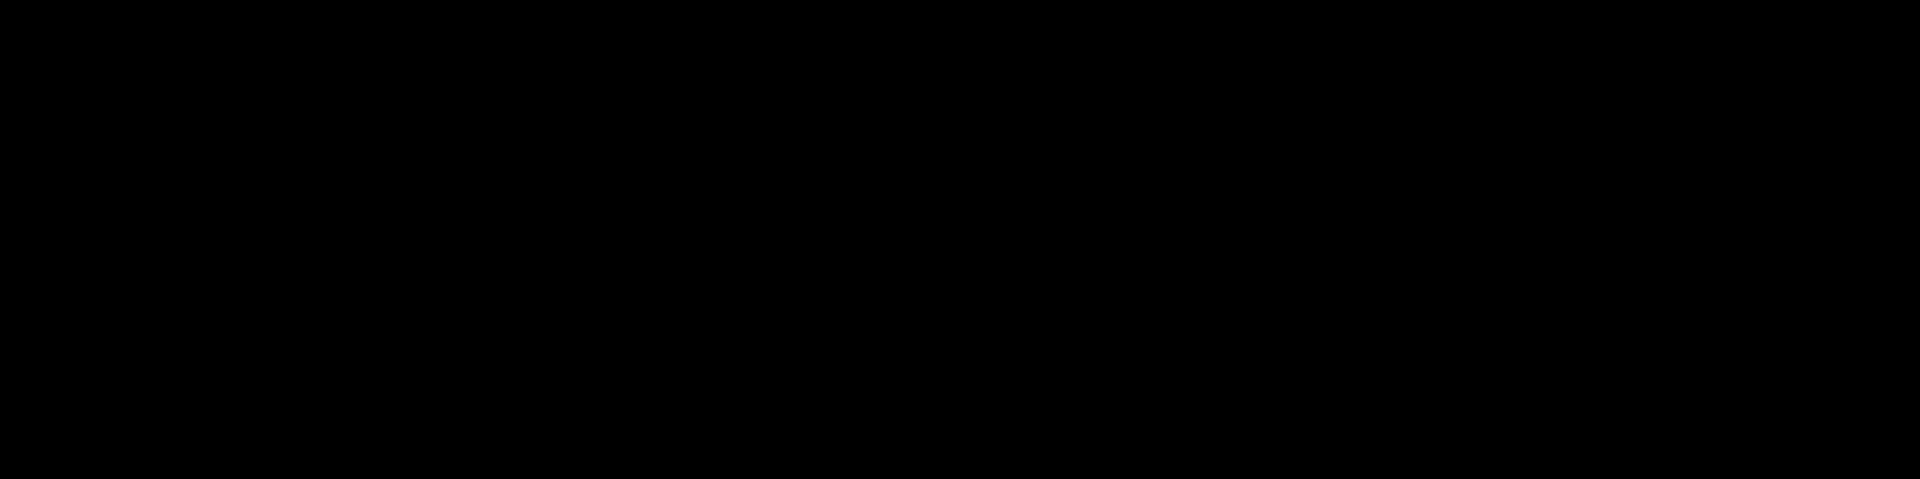 Fallapalooza-Web-Logo.png